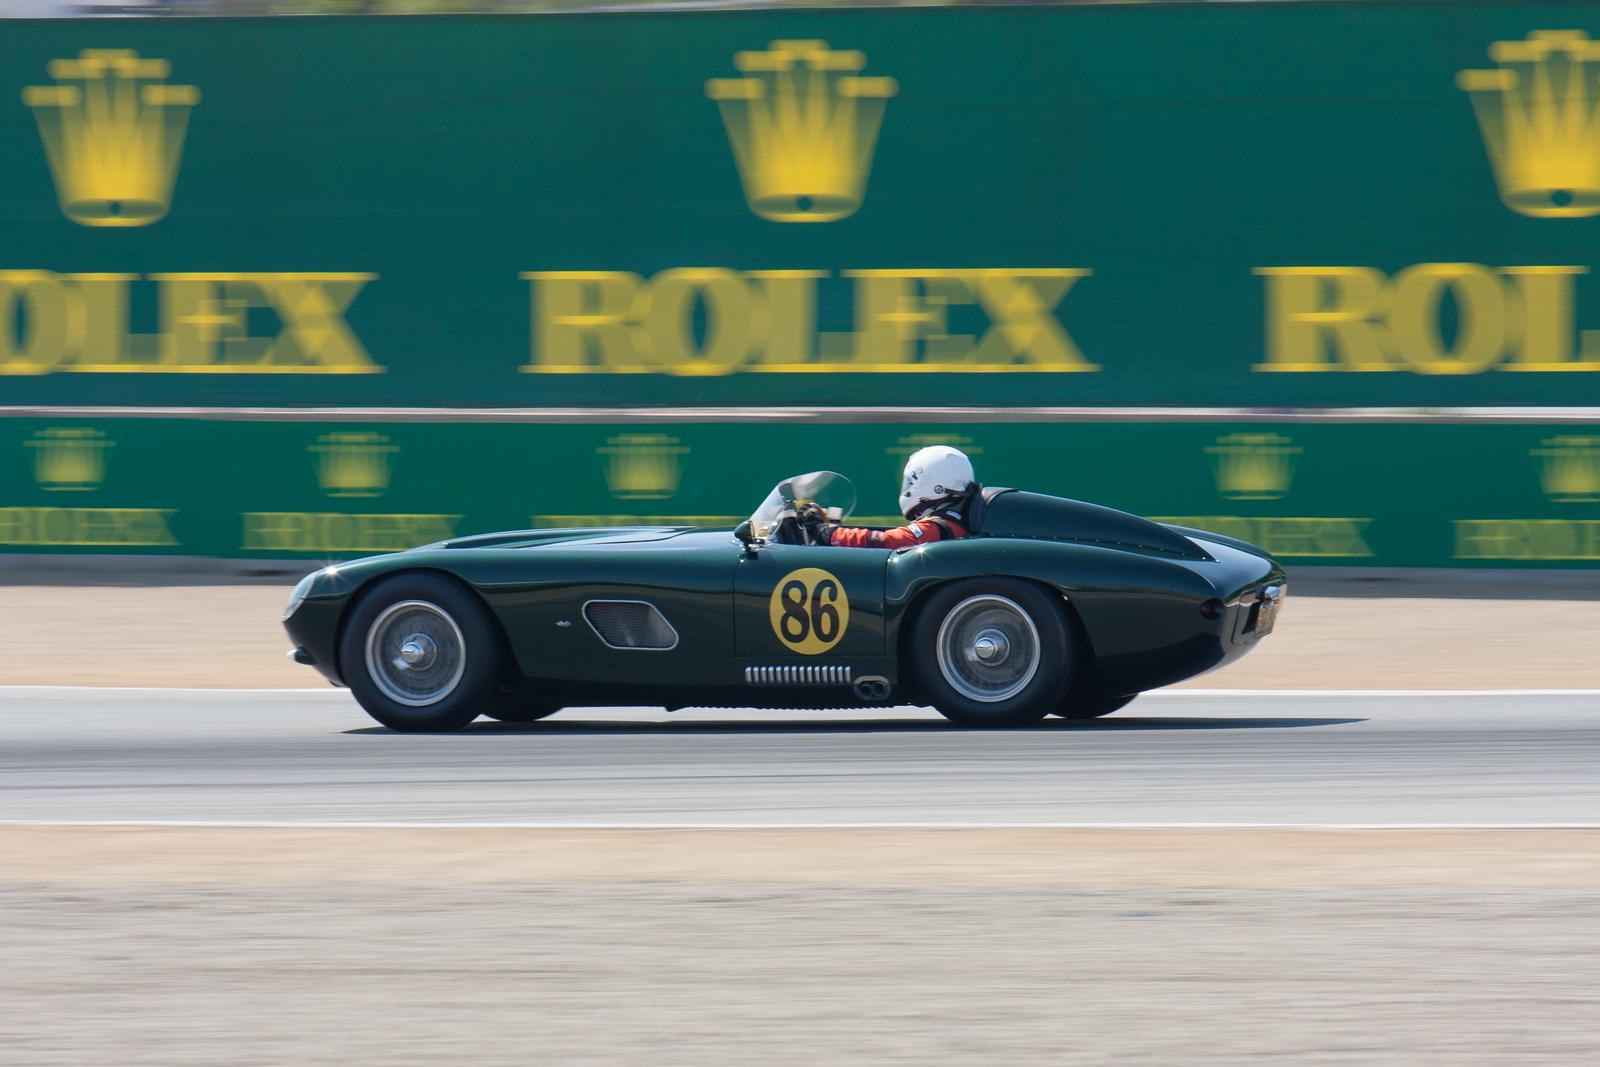 Bernard Juchli - 1955 Jaguar Hagemann Special